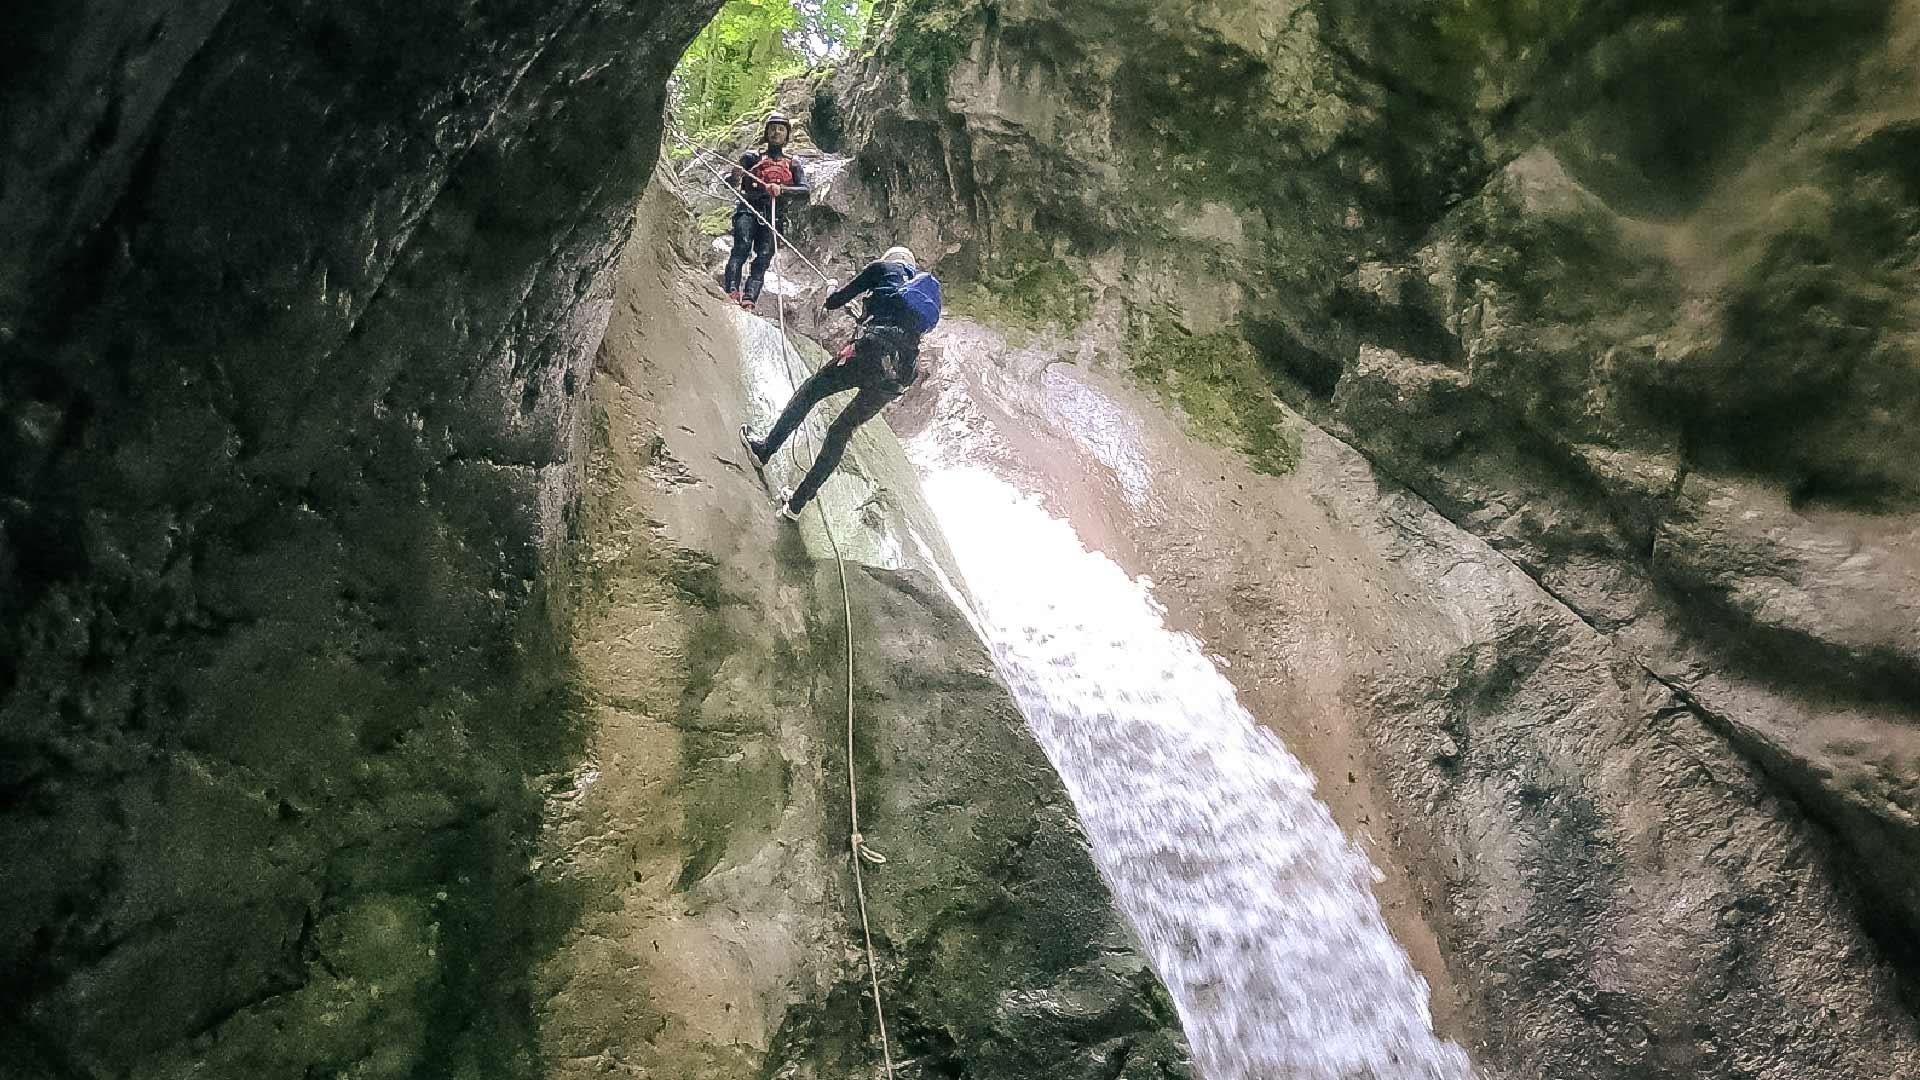 canyoning-outdoor-adventure-abseilen-wasserfall